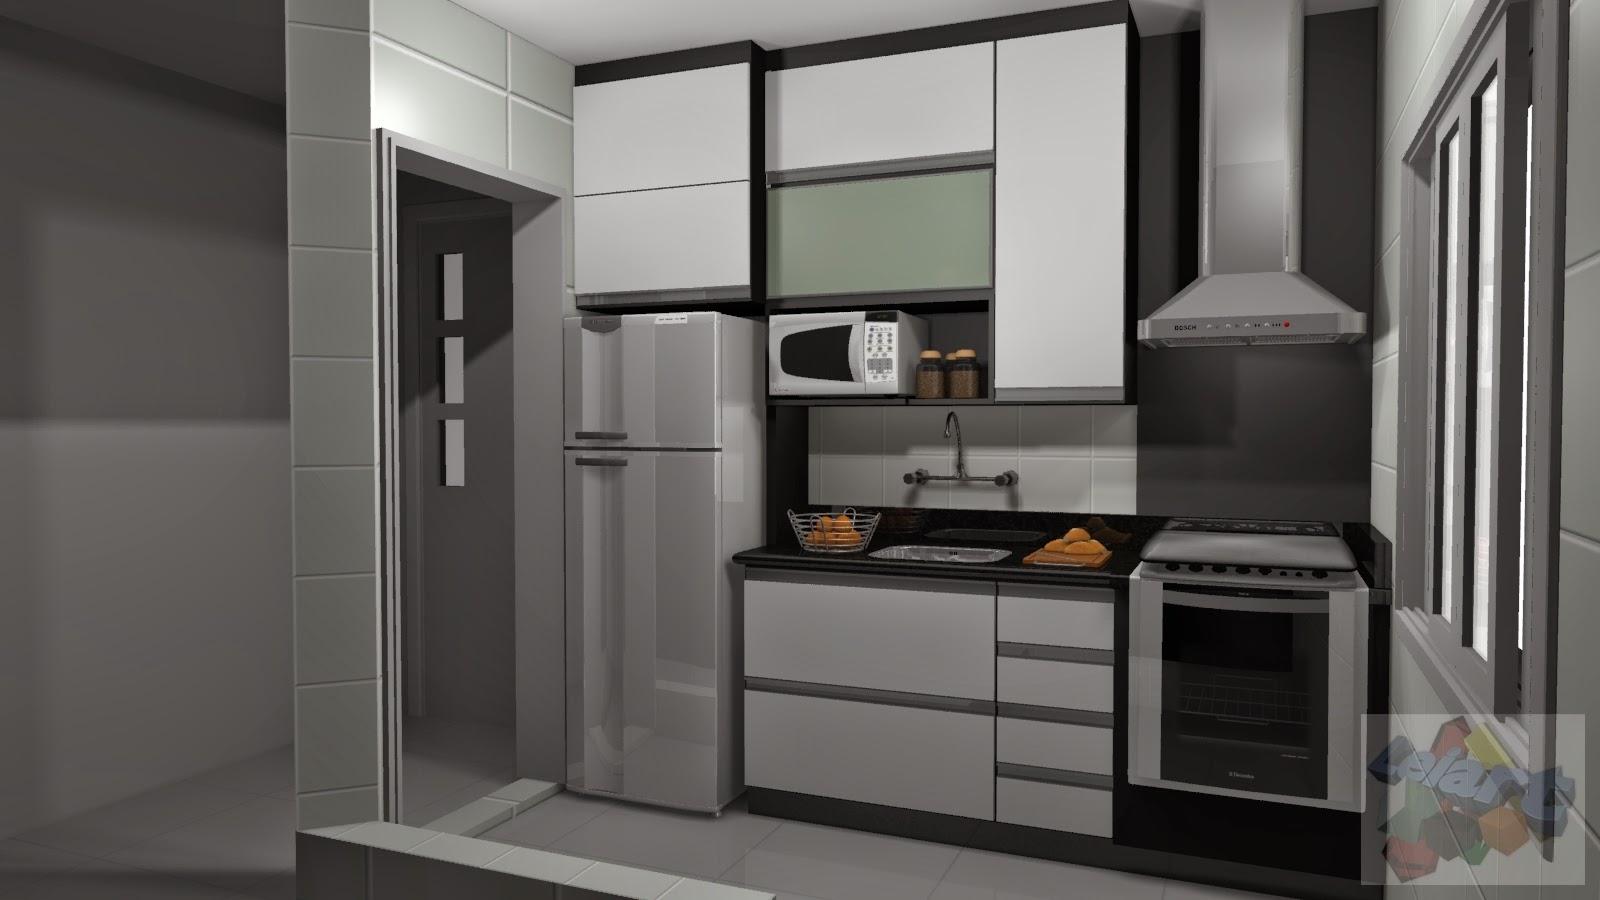 cozinha planejadas pequenas decorada armários planejados quarto  #9E642D 1600 900